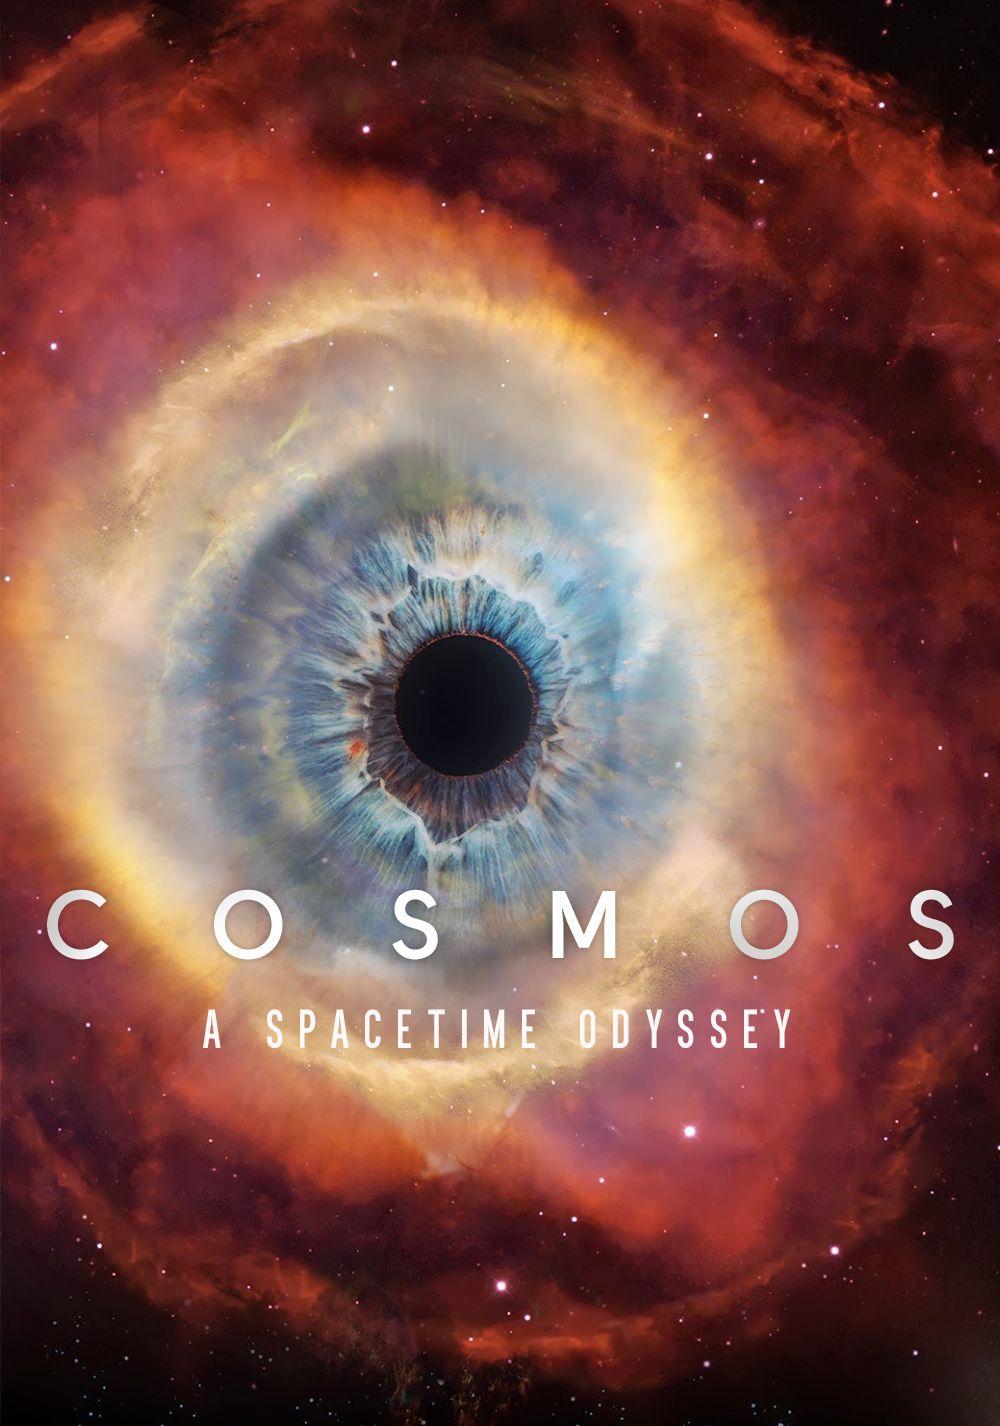 CosmosPossibleWorlds